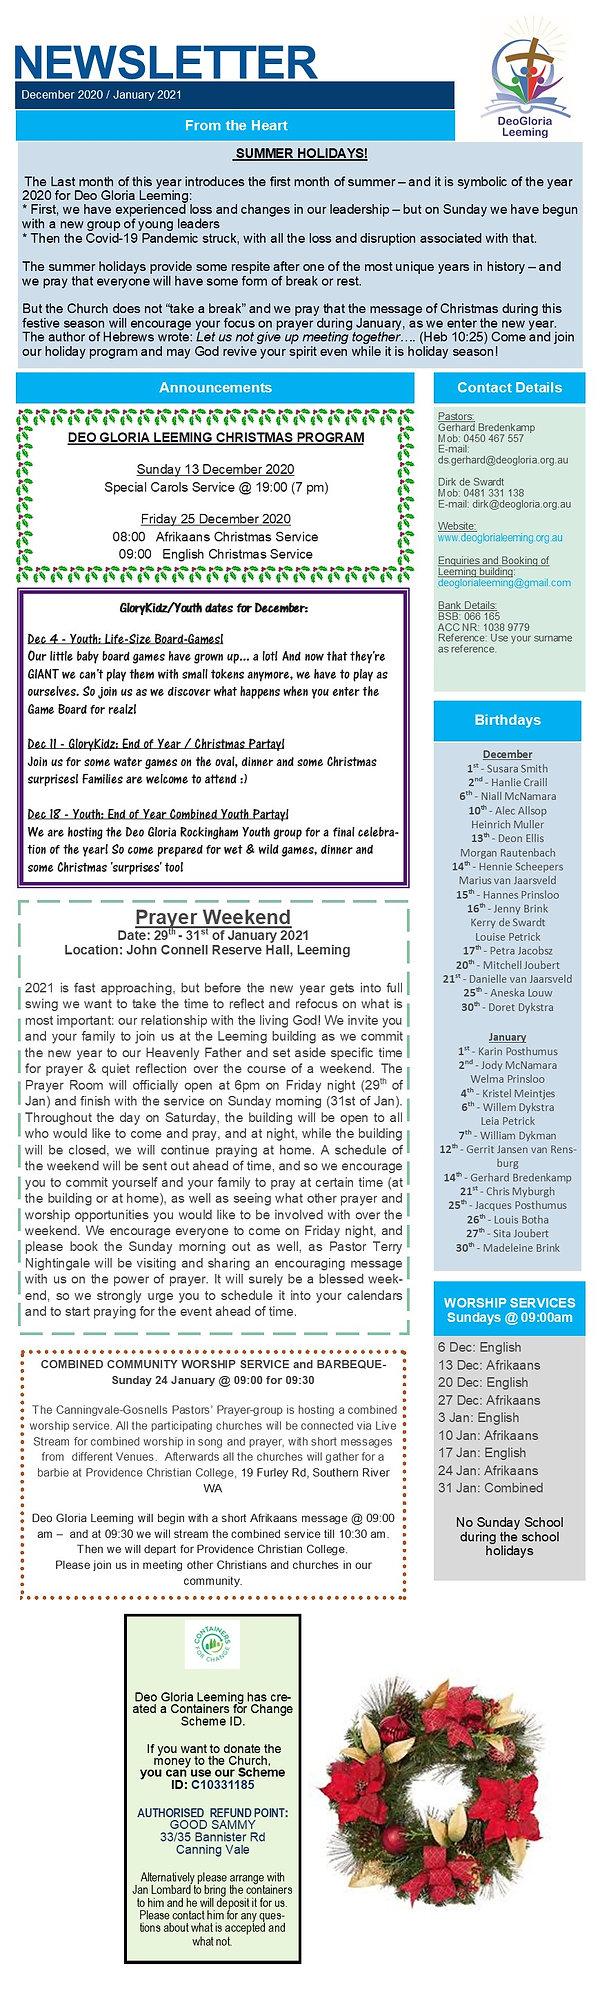 December_January newsletter.jpg